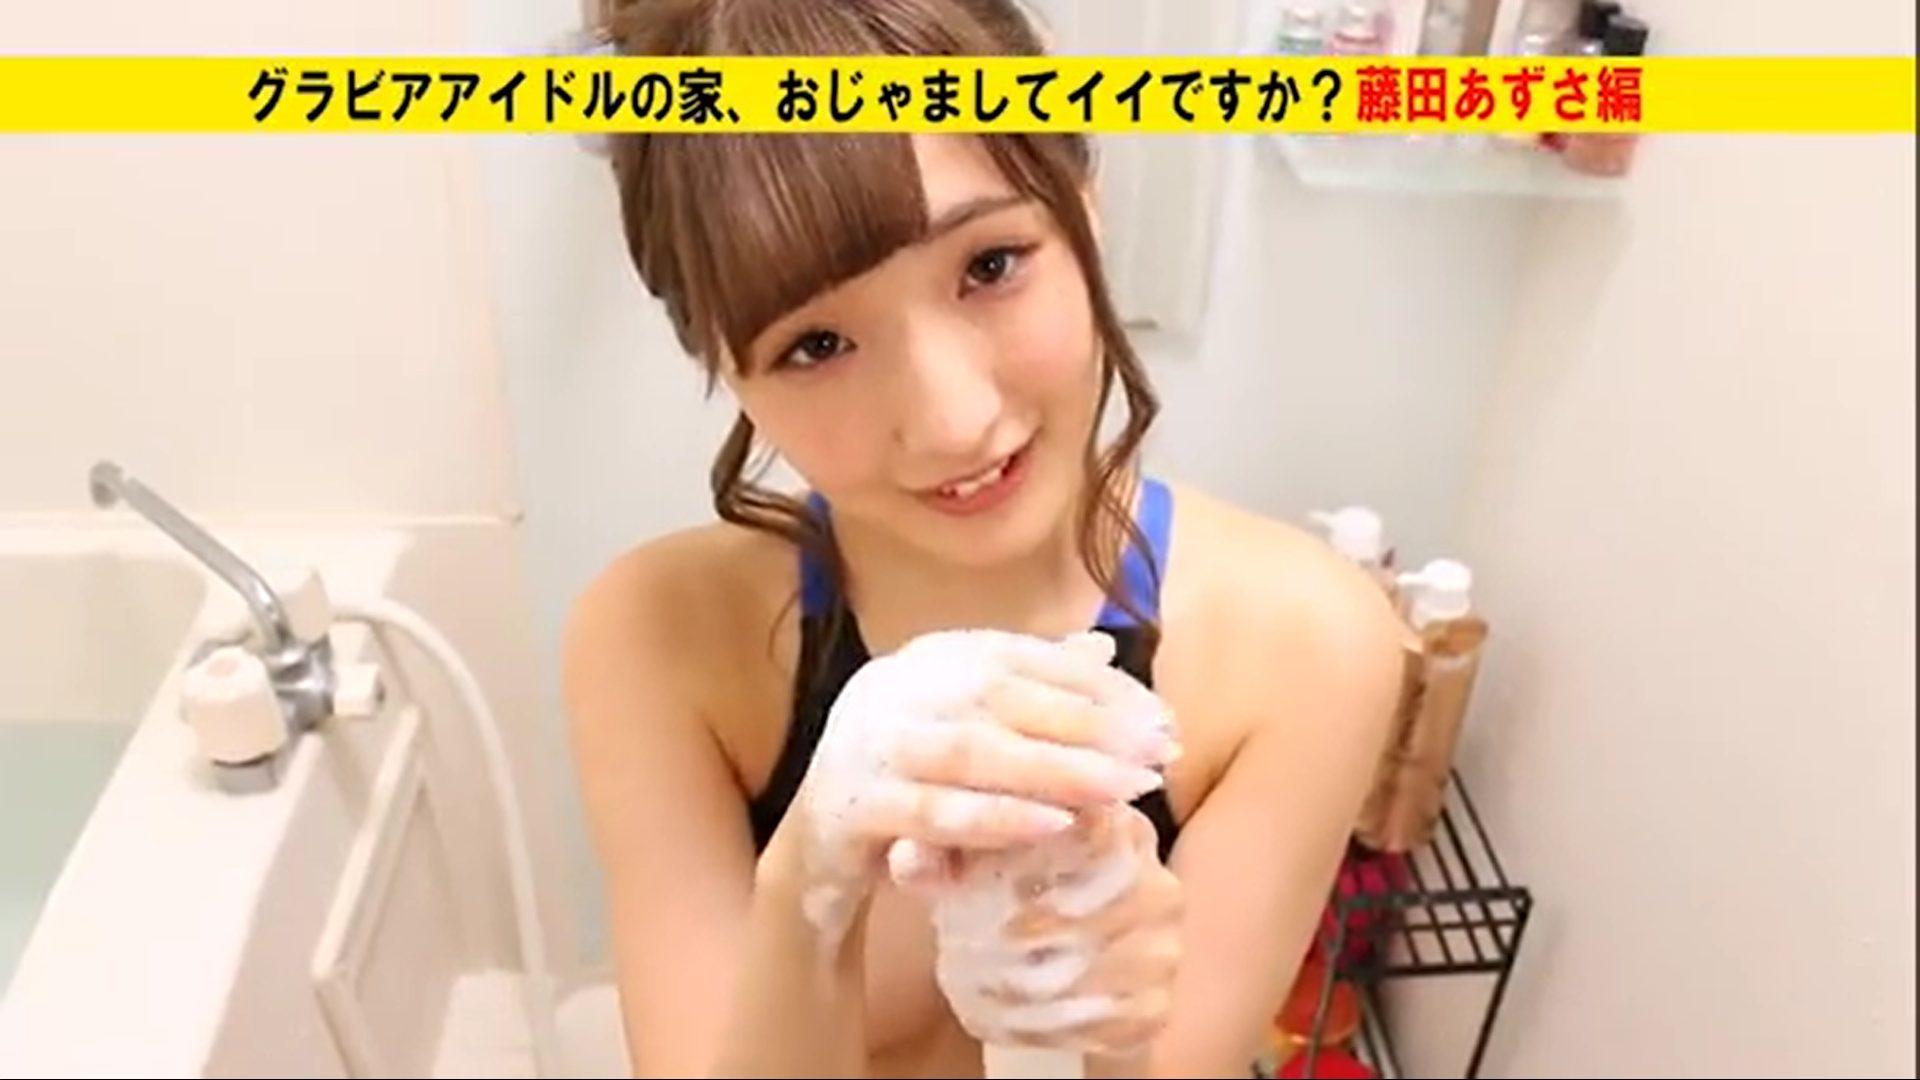 【藤田あずさ】Fカップ3 「グラビアアイドルの家、おじゃましてイイですか?」サンプル動画